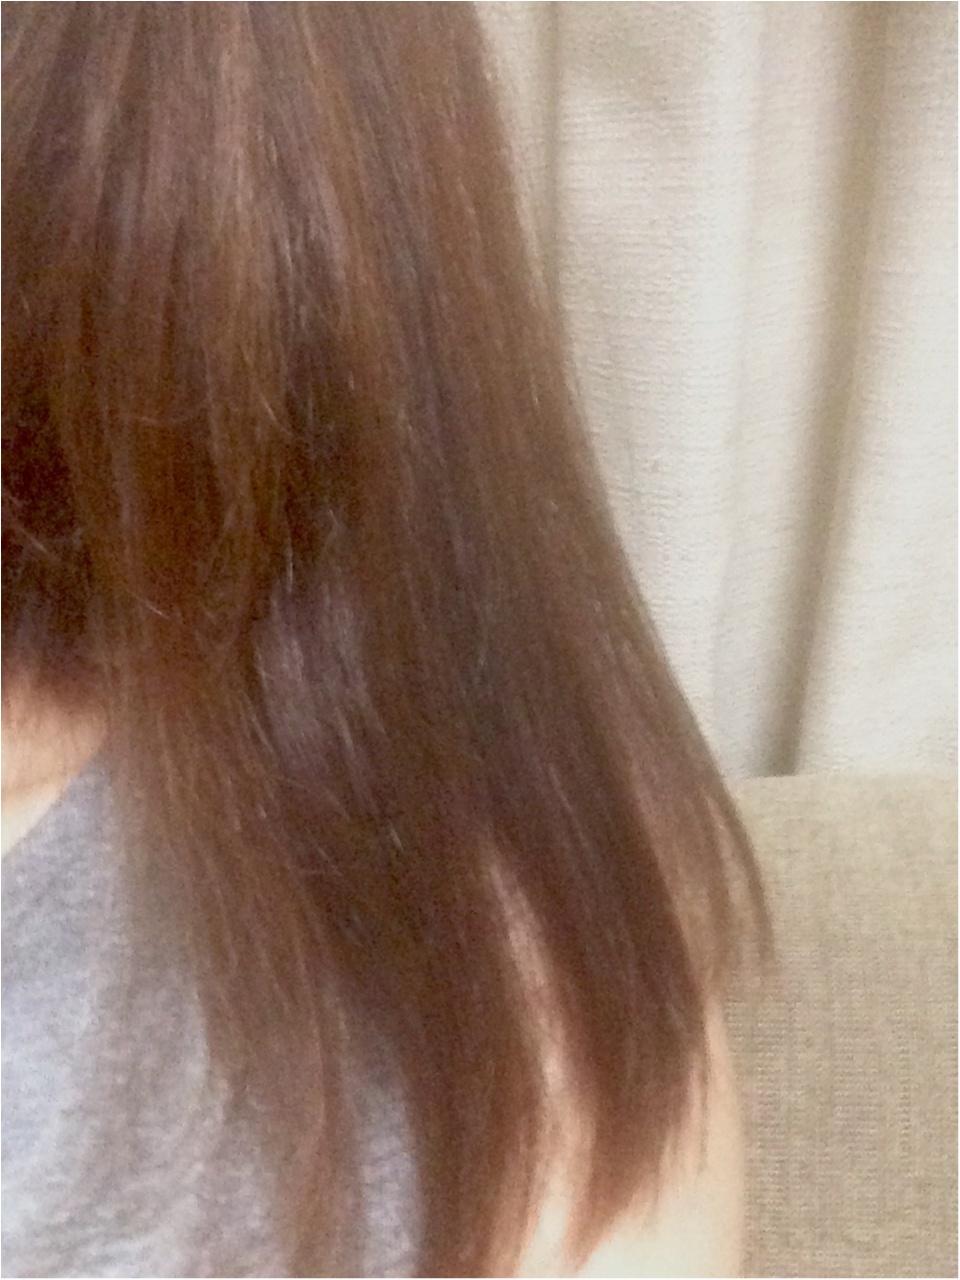 【奇跡】ヘアビューロンでパサパサ髪があら不思議!自宅で美容院帰りのヘアを再現!_7